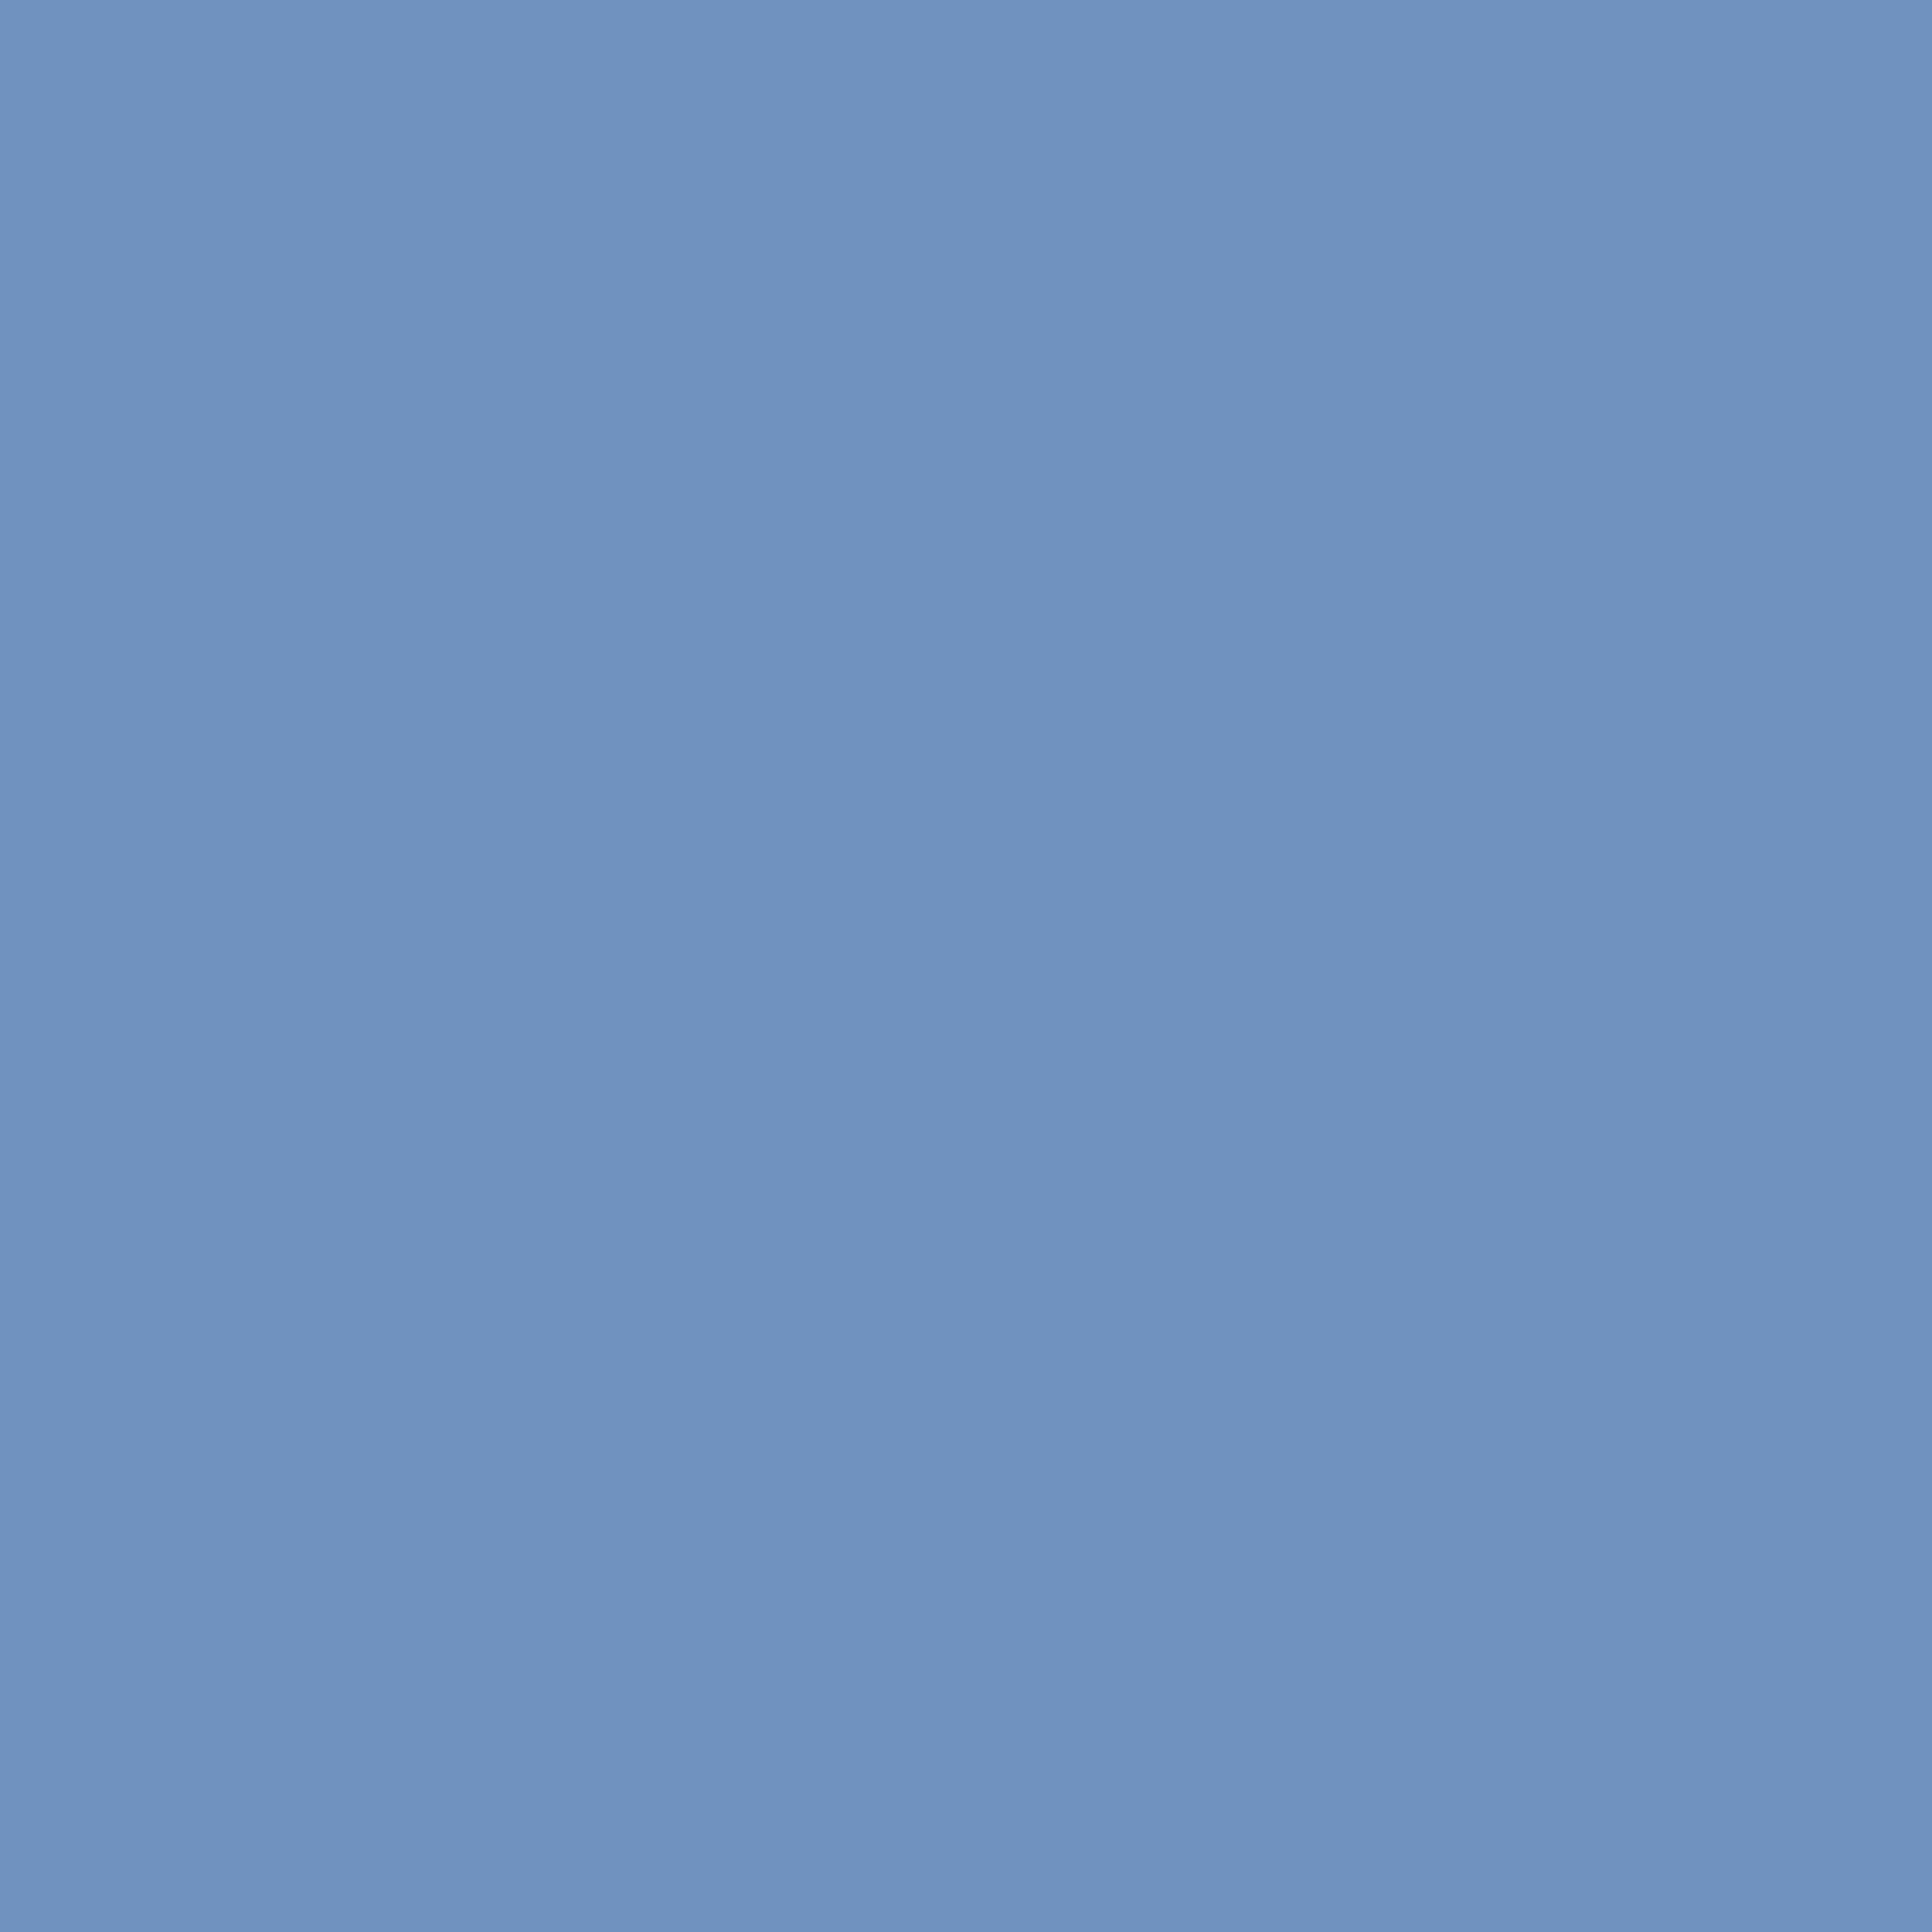 Экстра софт однотонный ЭСГ-084